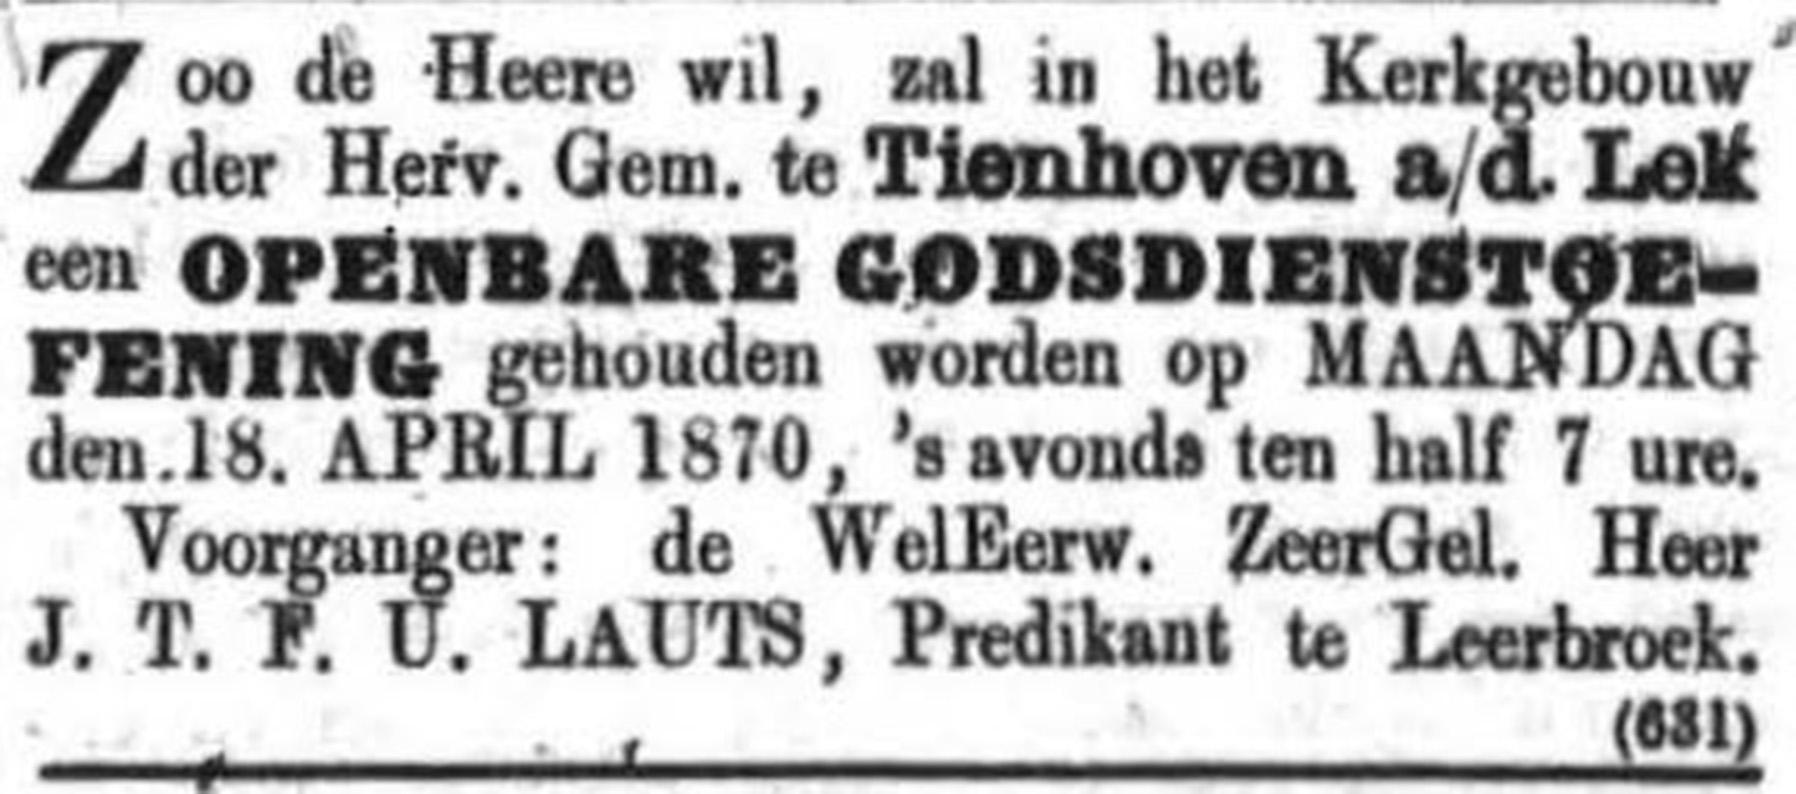 Schoonhovensche Courant 00042 1870-04-17 artikel 2